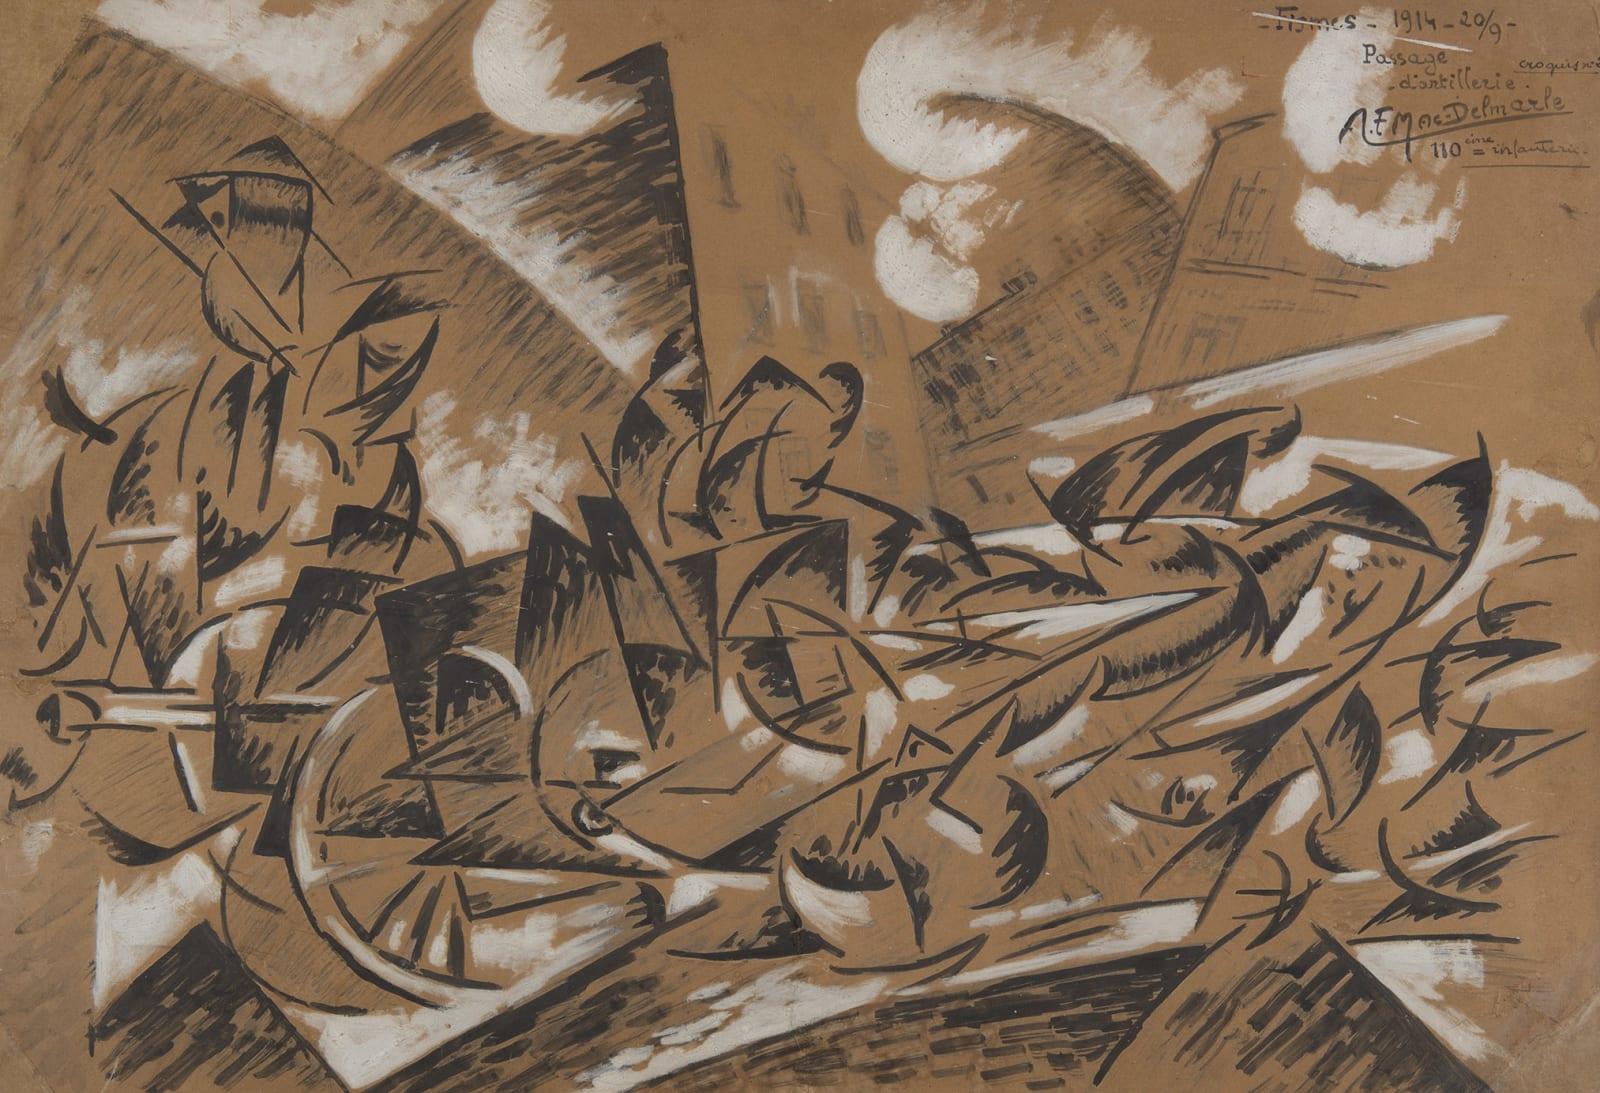 AIMÉ FÉLIX DEL MARLE, Passage d'artillerie, Fismes, 20 septembre 1914, 1914